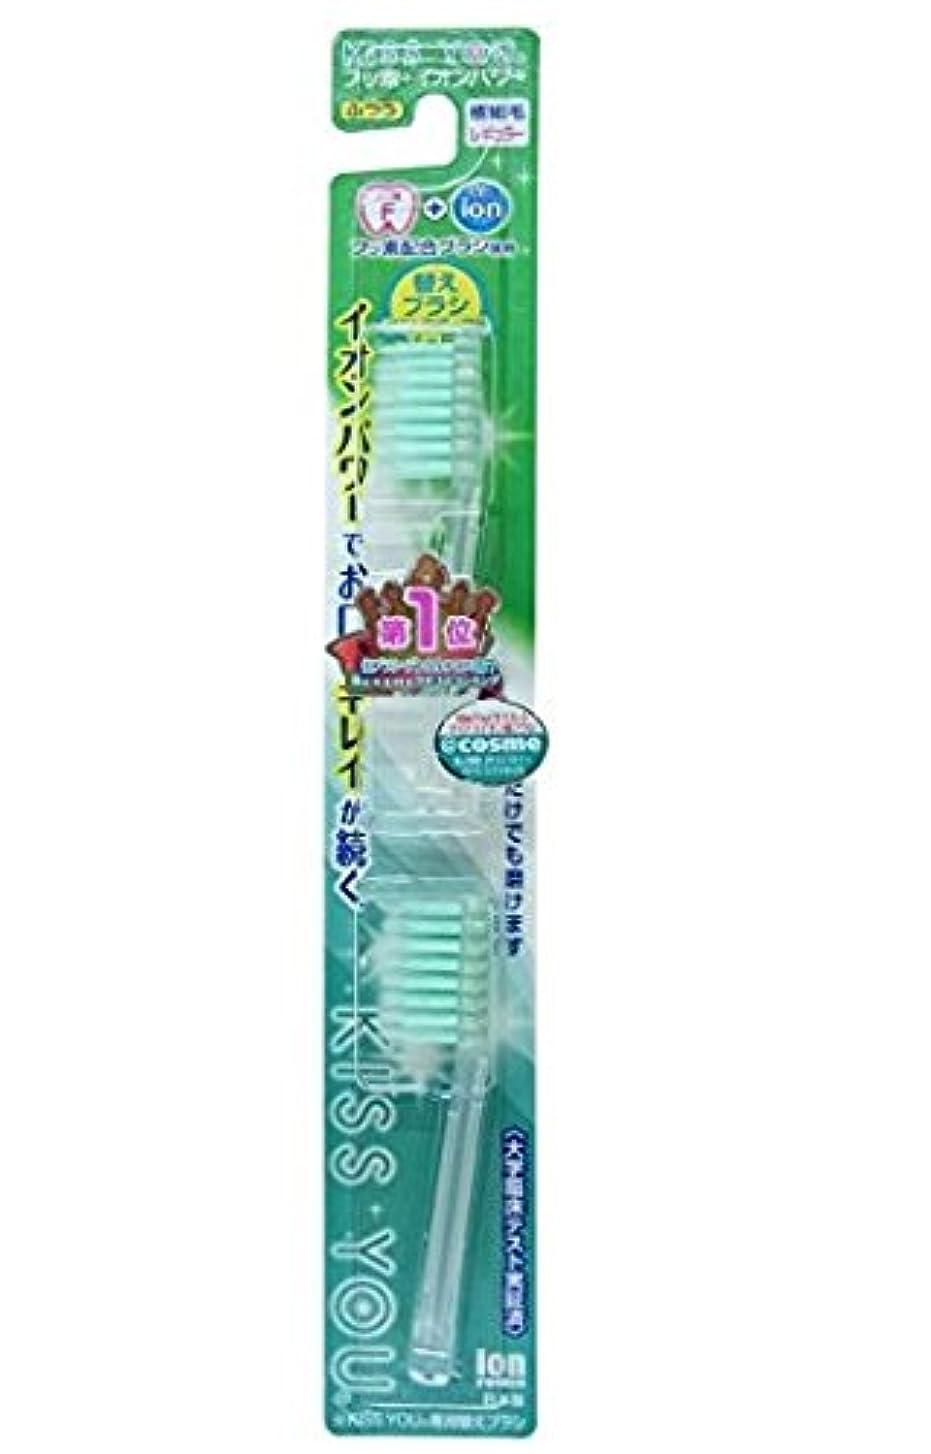 計算するスキャンダラスのためフッ素イオン歯ブラシ極細レギュラー替えブラシふつう × 120個セット